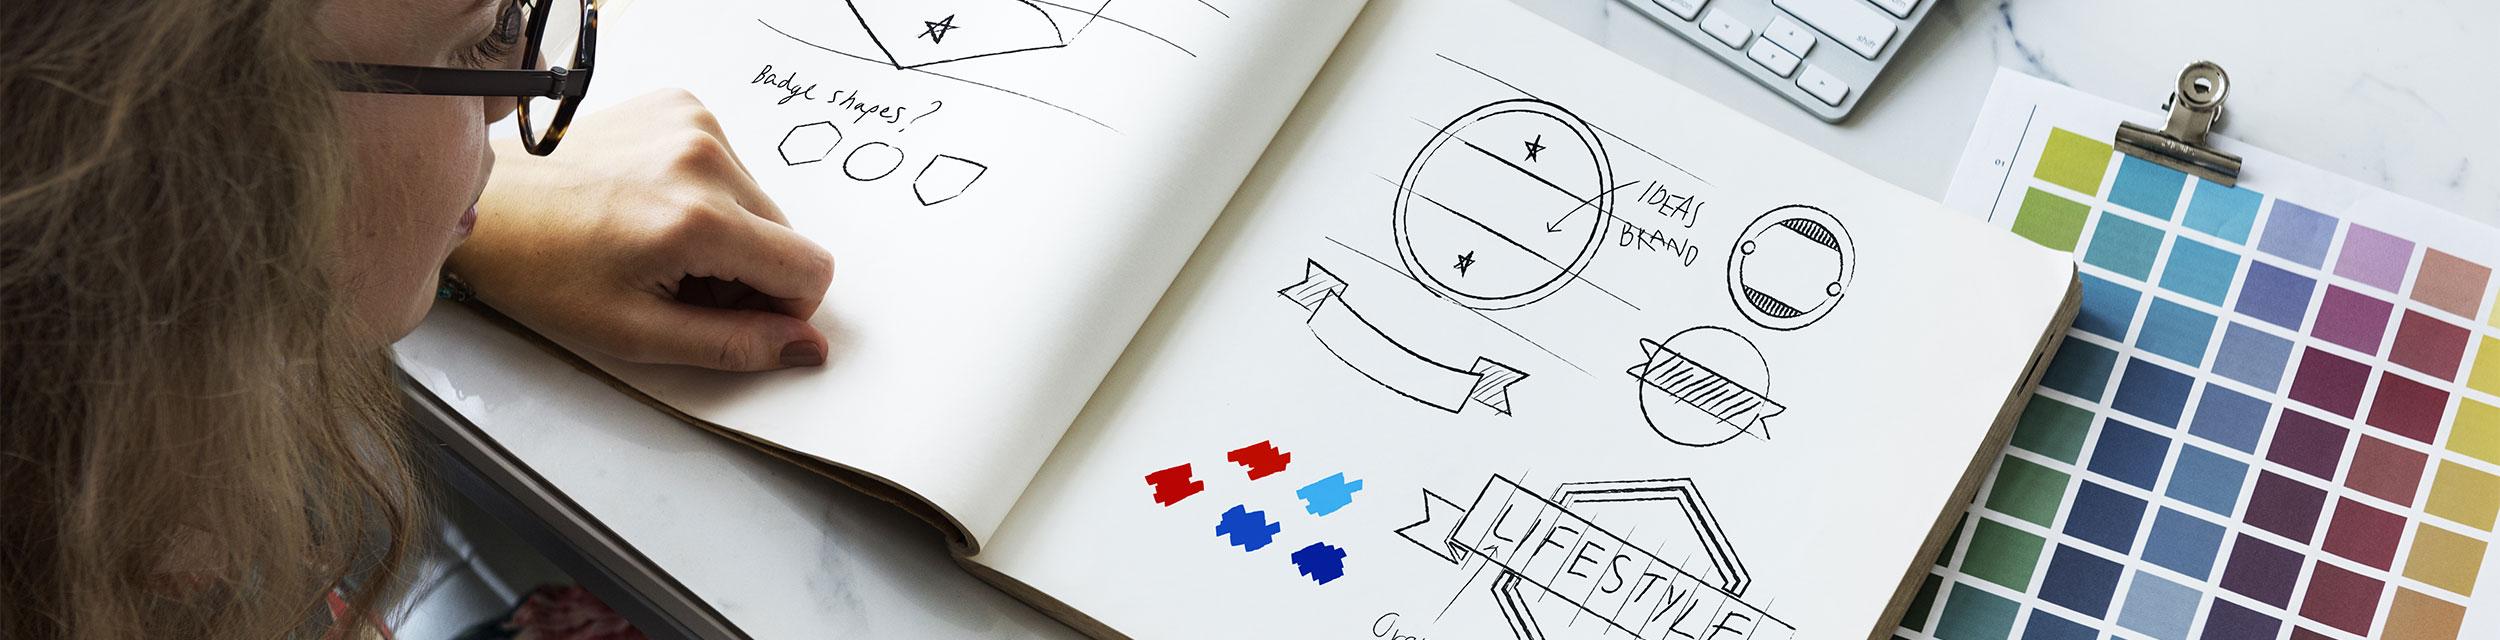 École de Design a Bordeaux Ecole de Graphisme